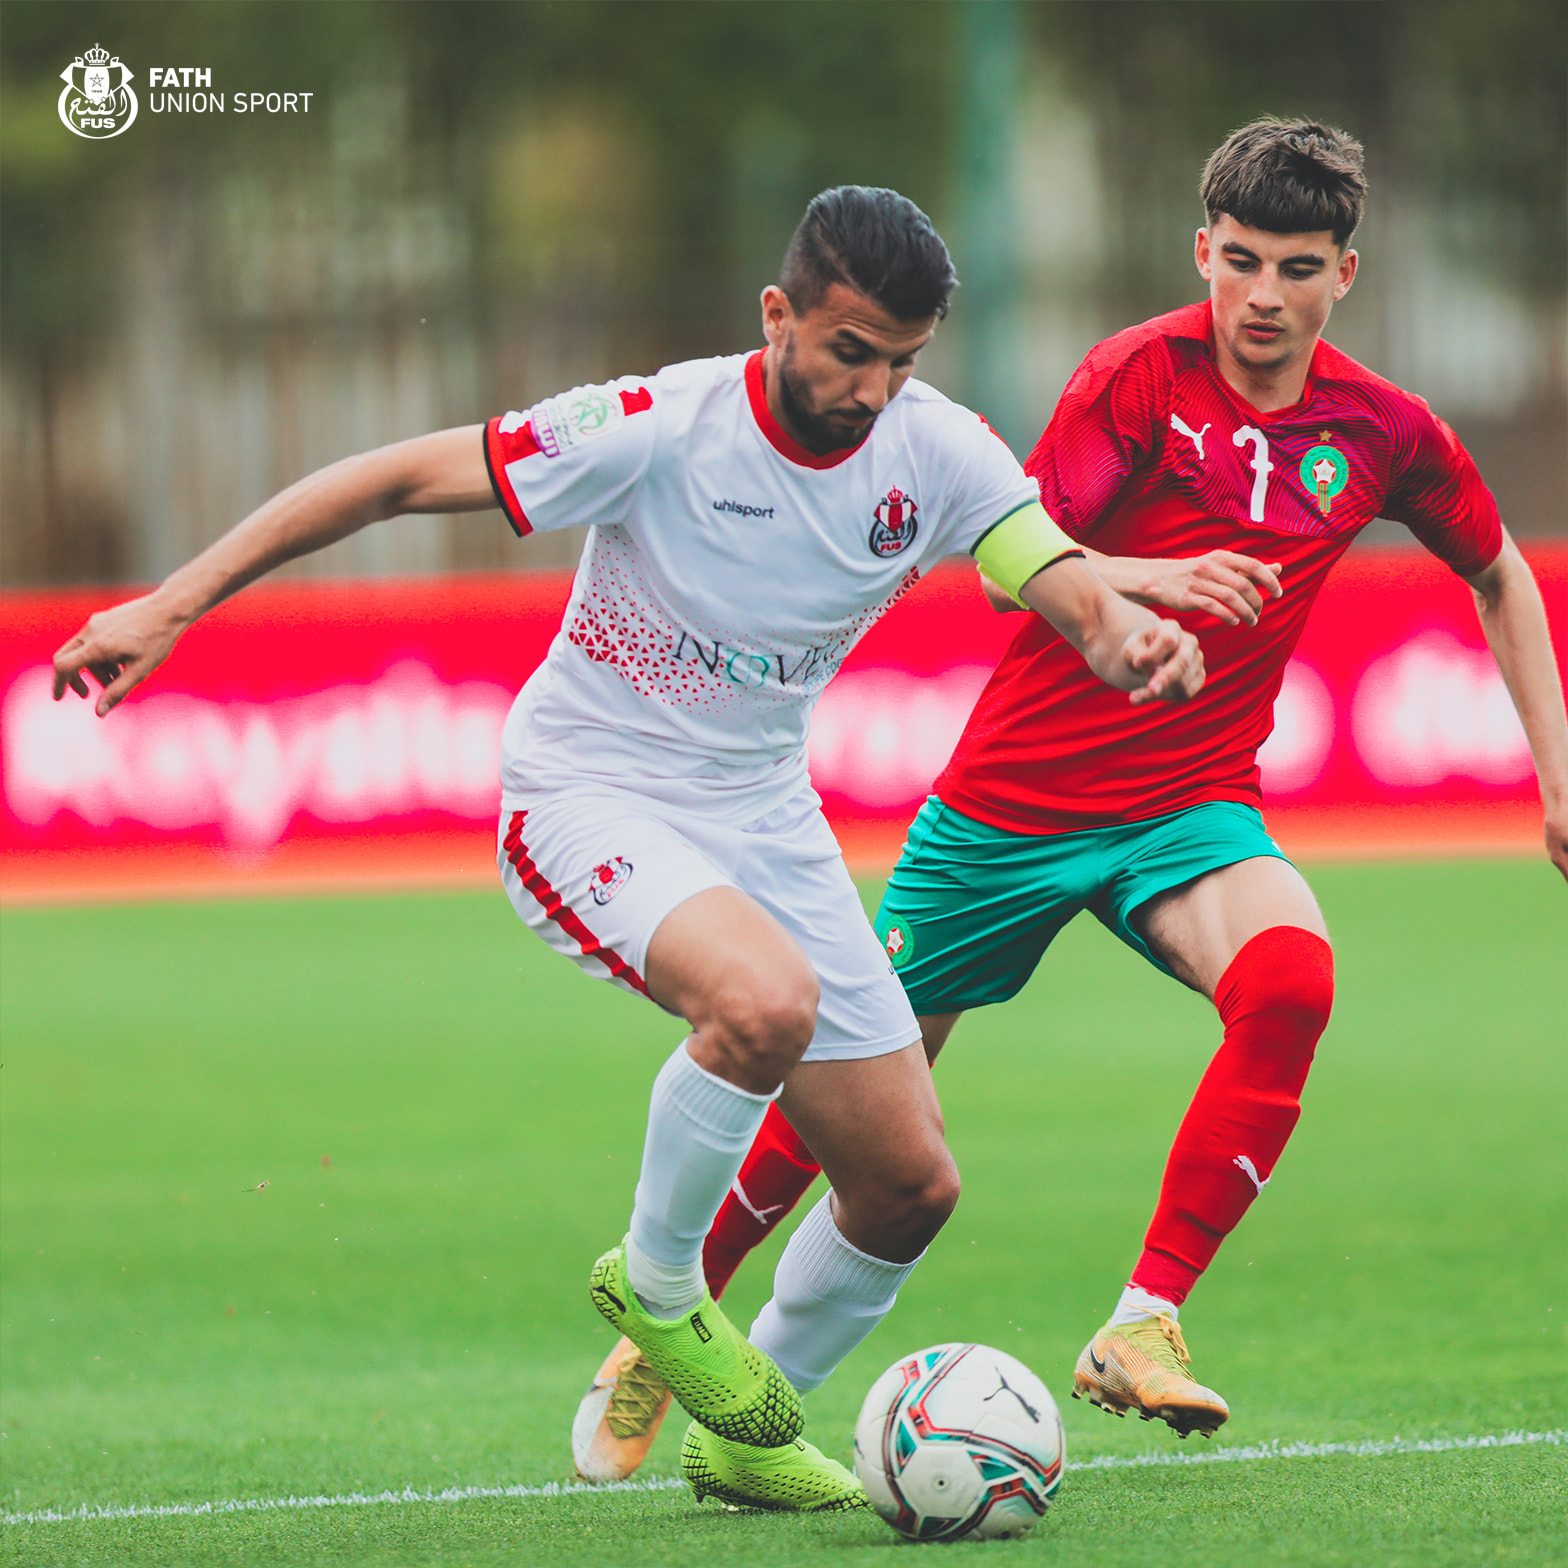 الفتح الرباطي تفوق على المنتخب المغربي لأقل من 23 سنة بخماسية